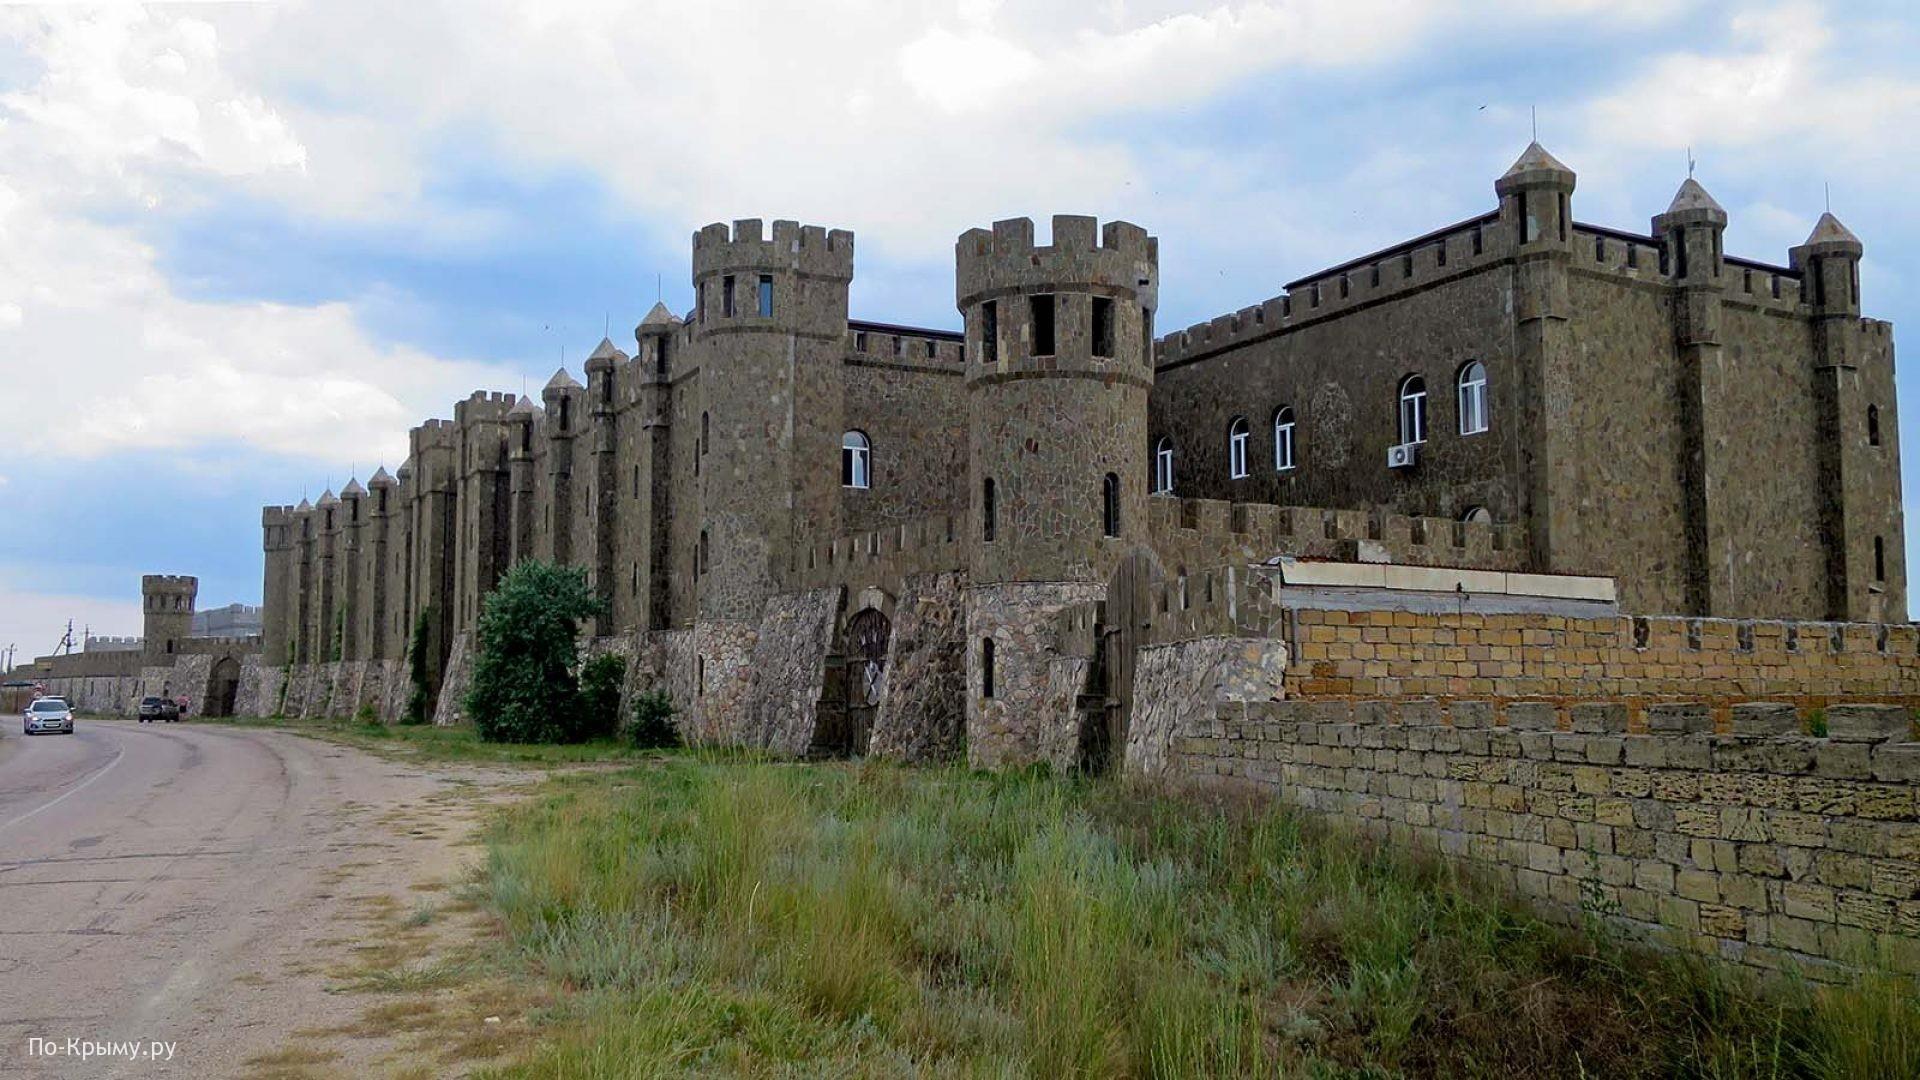 Отель-замок Викинг у Знаменского